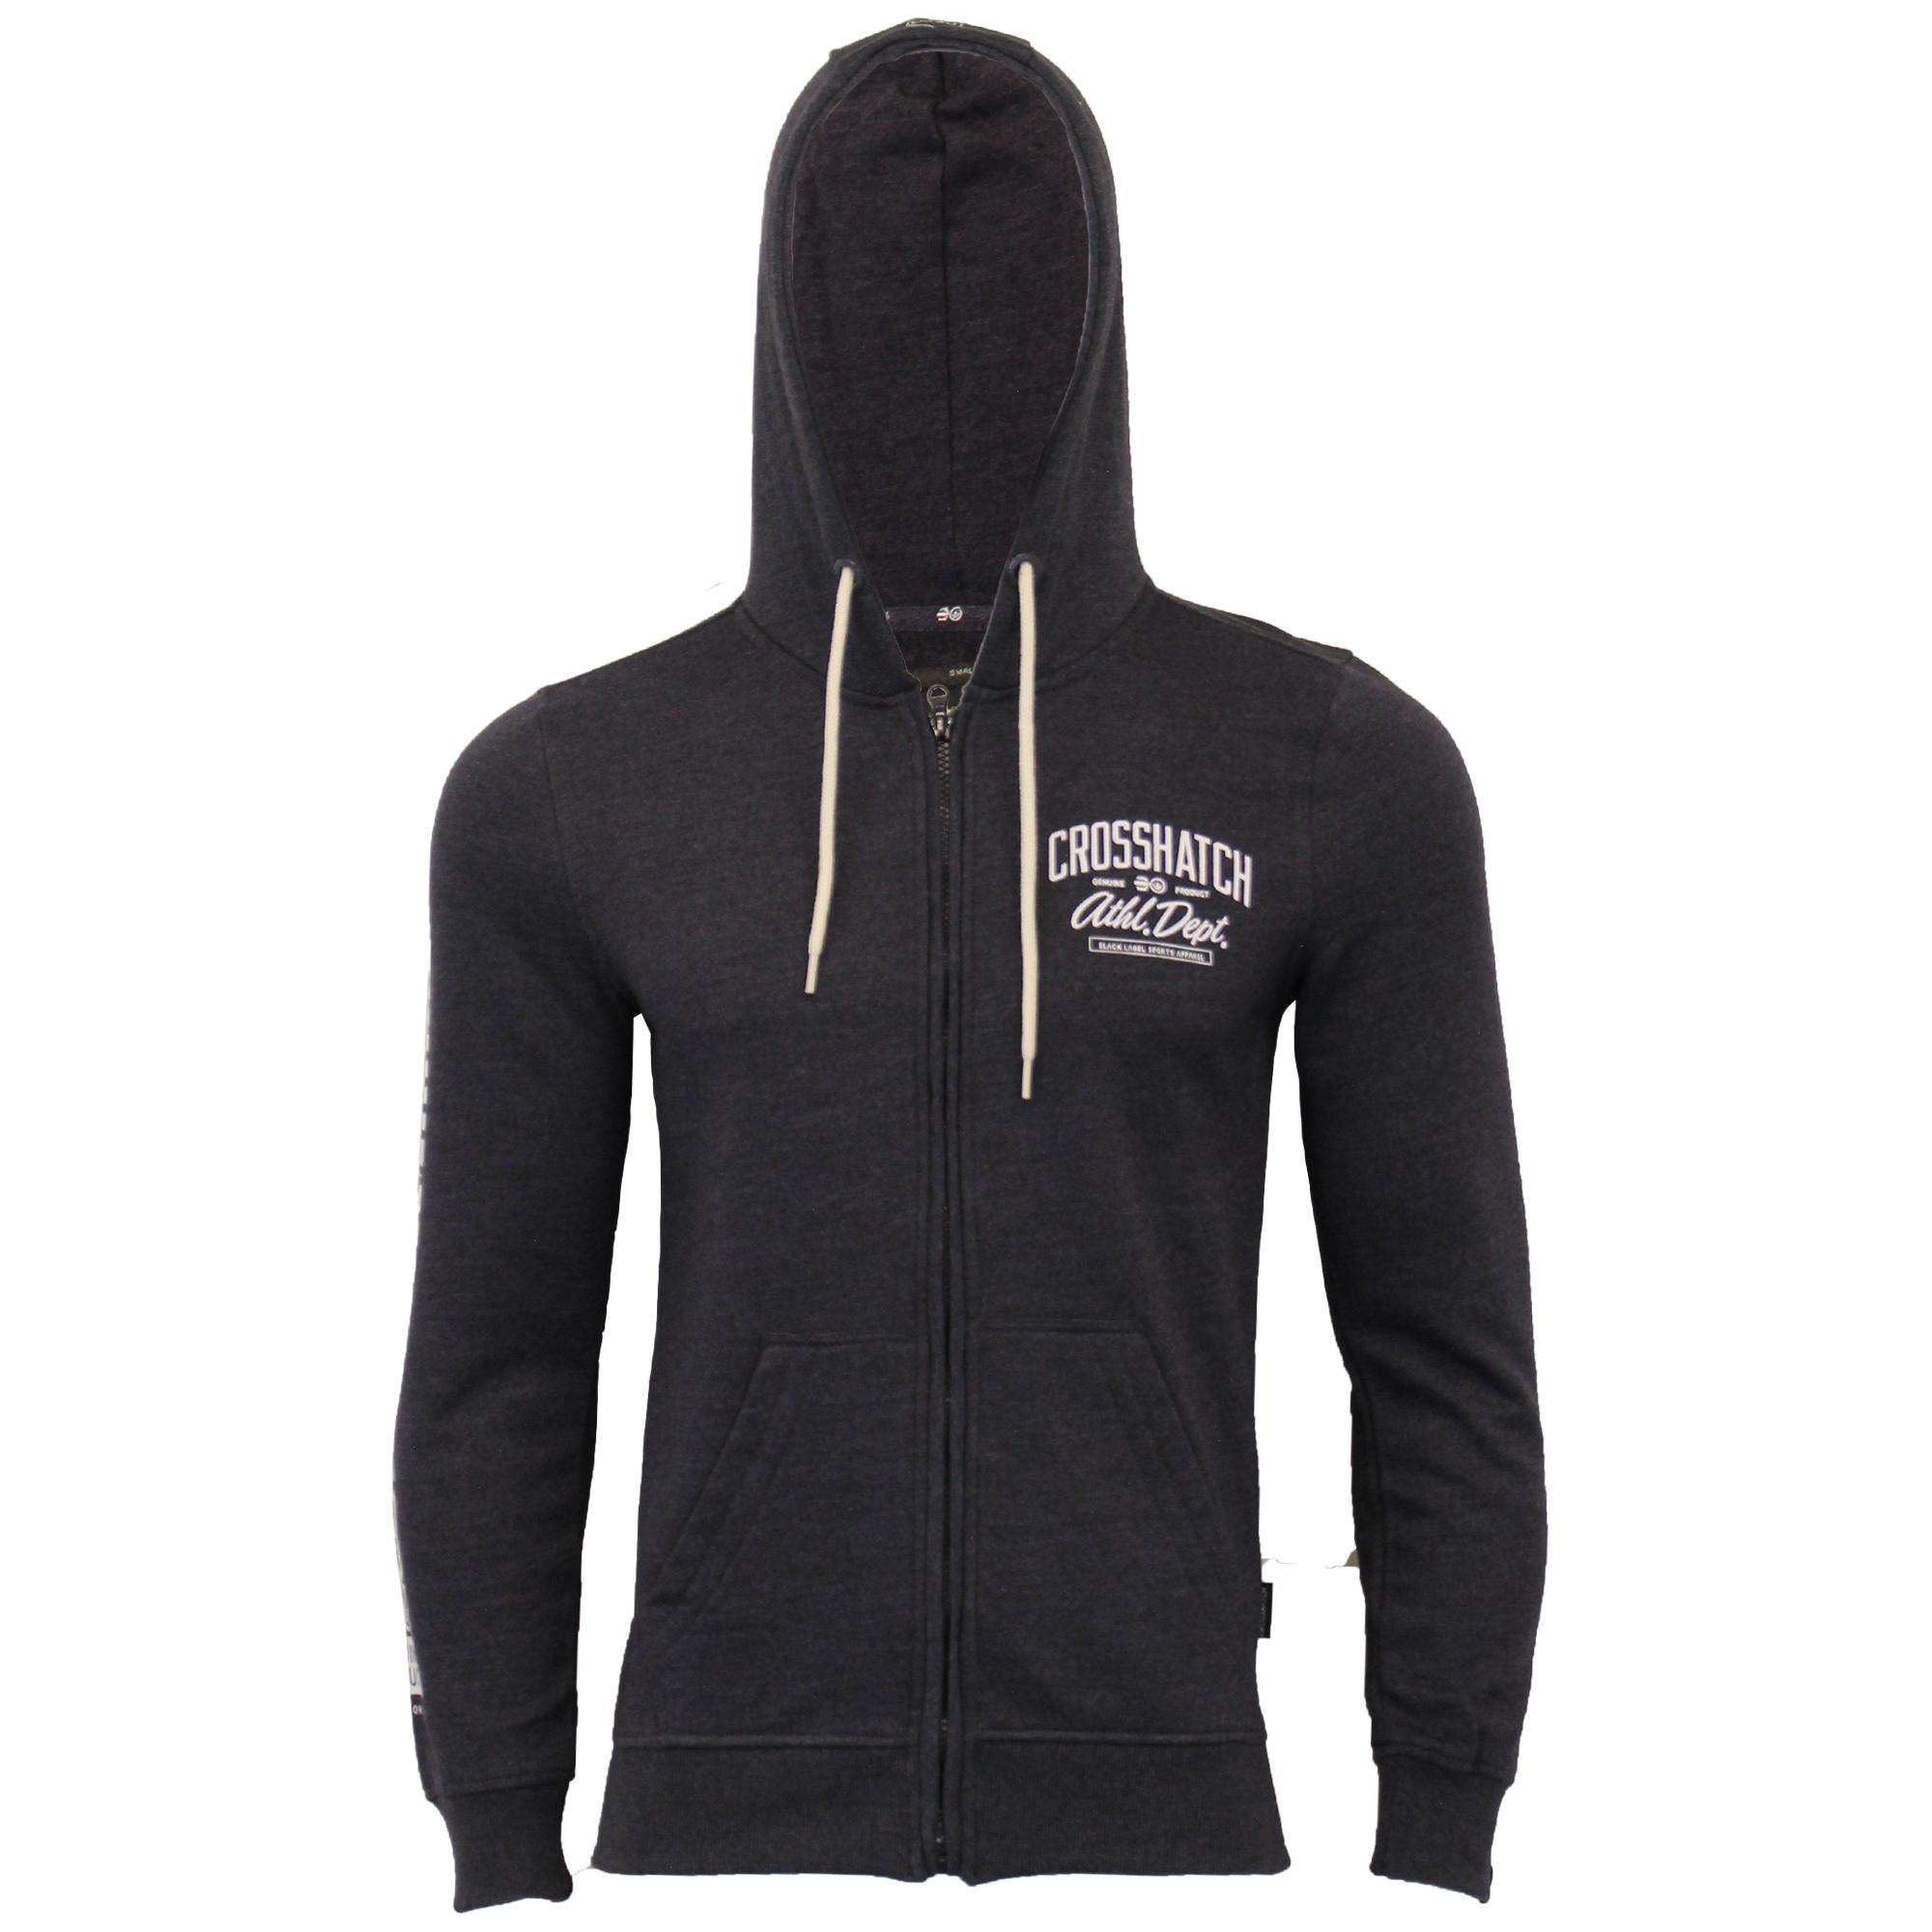 Mens-Sweatshirt-Crosshatch-Over-The-Head-Hoodie-Printed-Zip-Pullover-Top-Fleece thumbnail 19